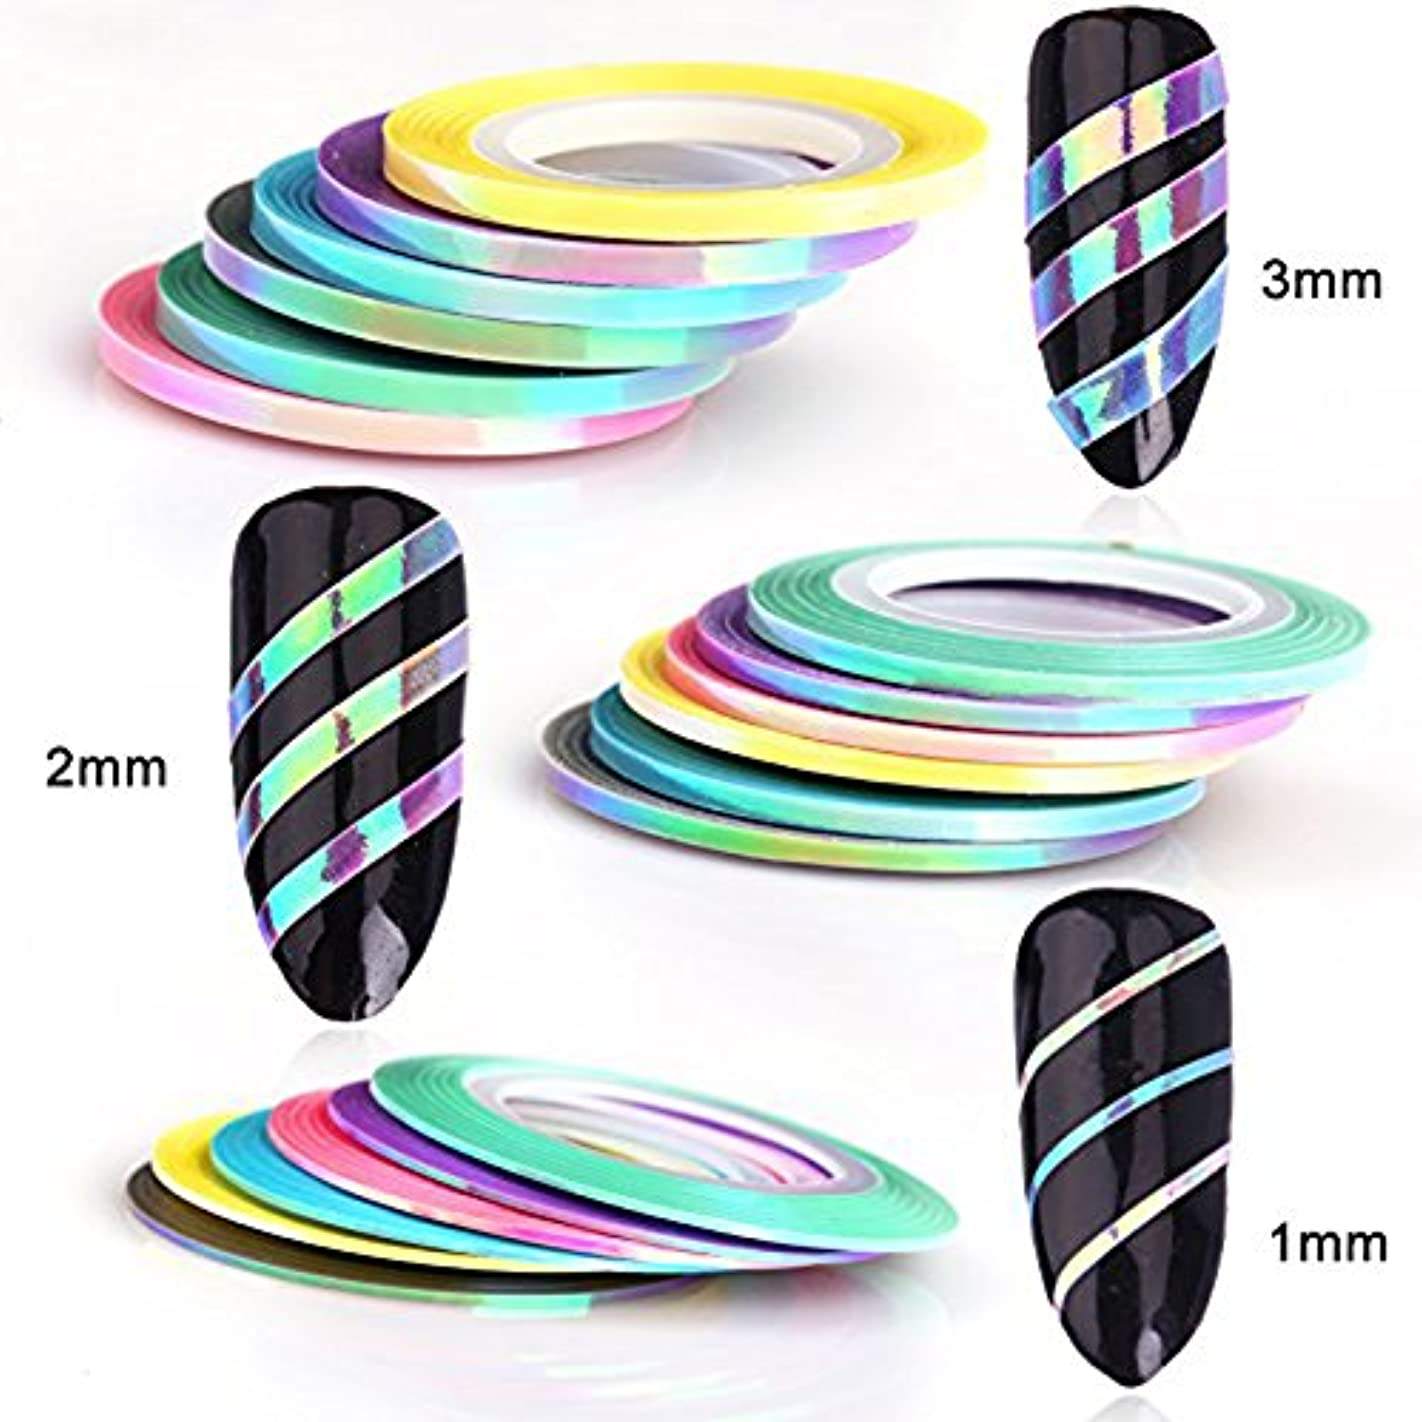 設置退屈させる絶えずメーリンドス ネイルデザインパーツ ホログラムラインテープ キラキラオーロラマーメイドネイルテープ 1mm/2mm/3mm 人魚6色&6本セット(3MM)